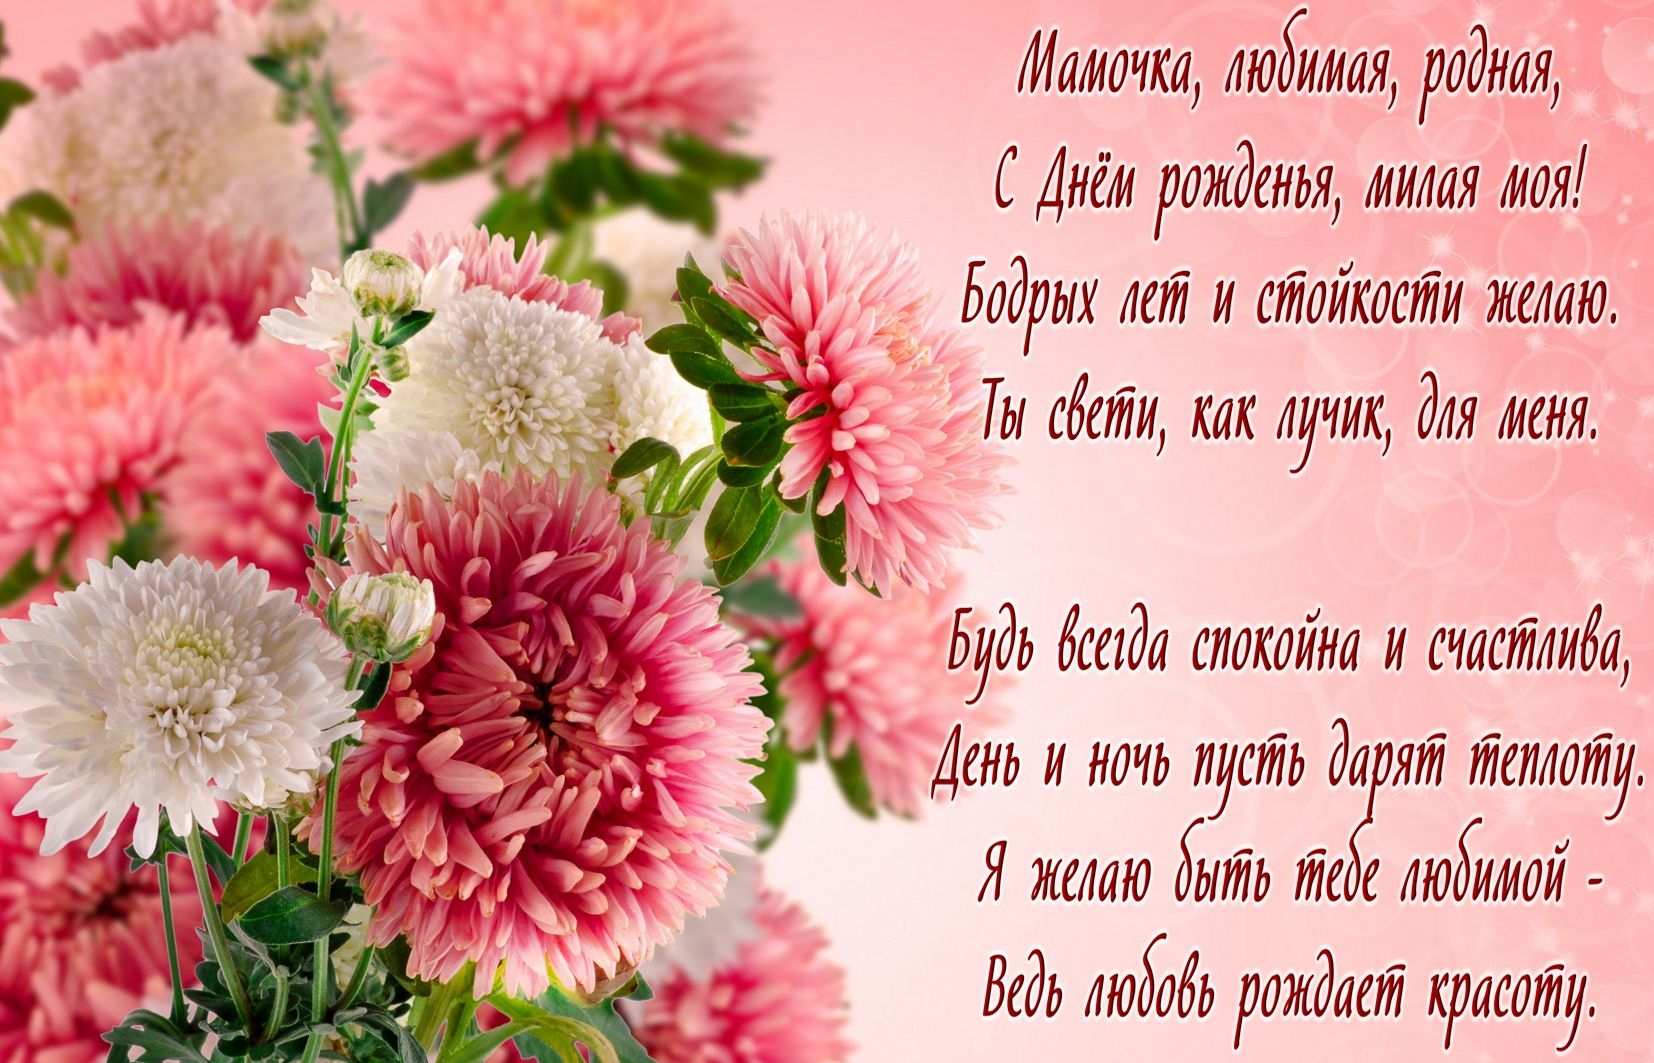 Поздравления и красивые открытки с днем рождения маме от 58